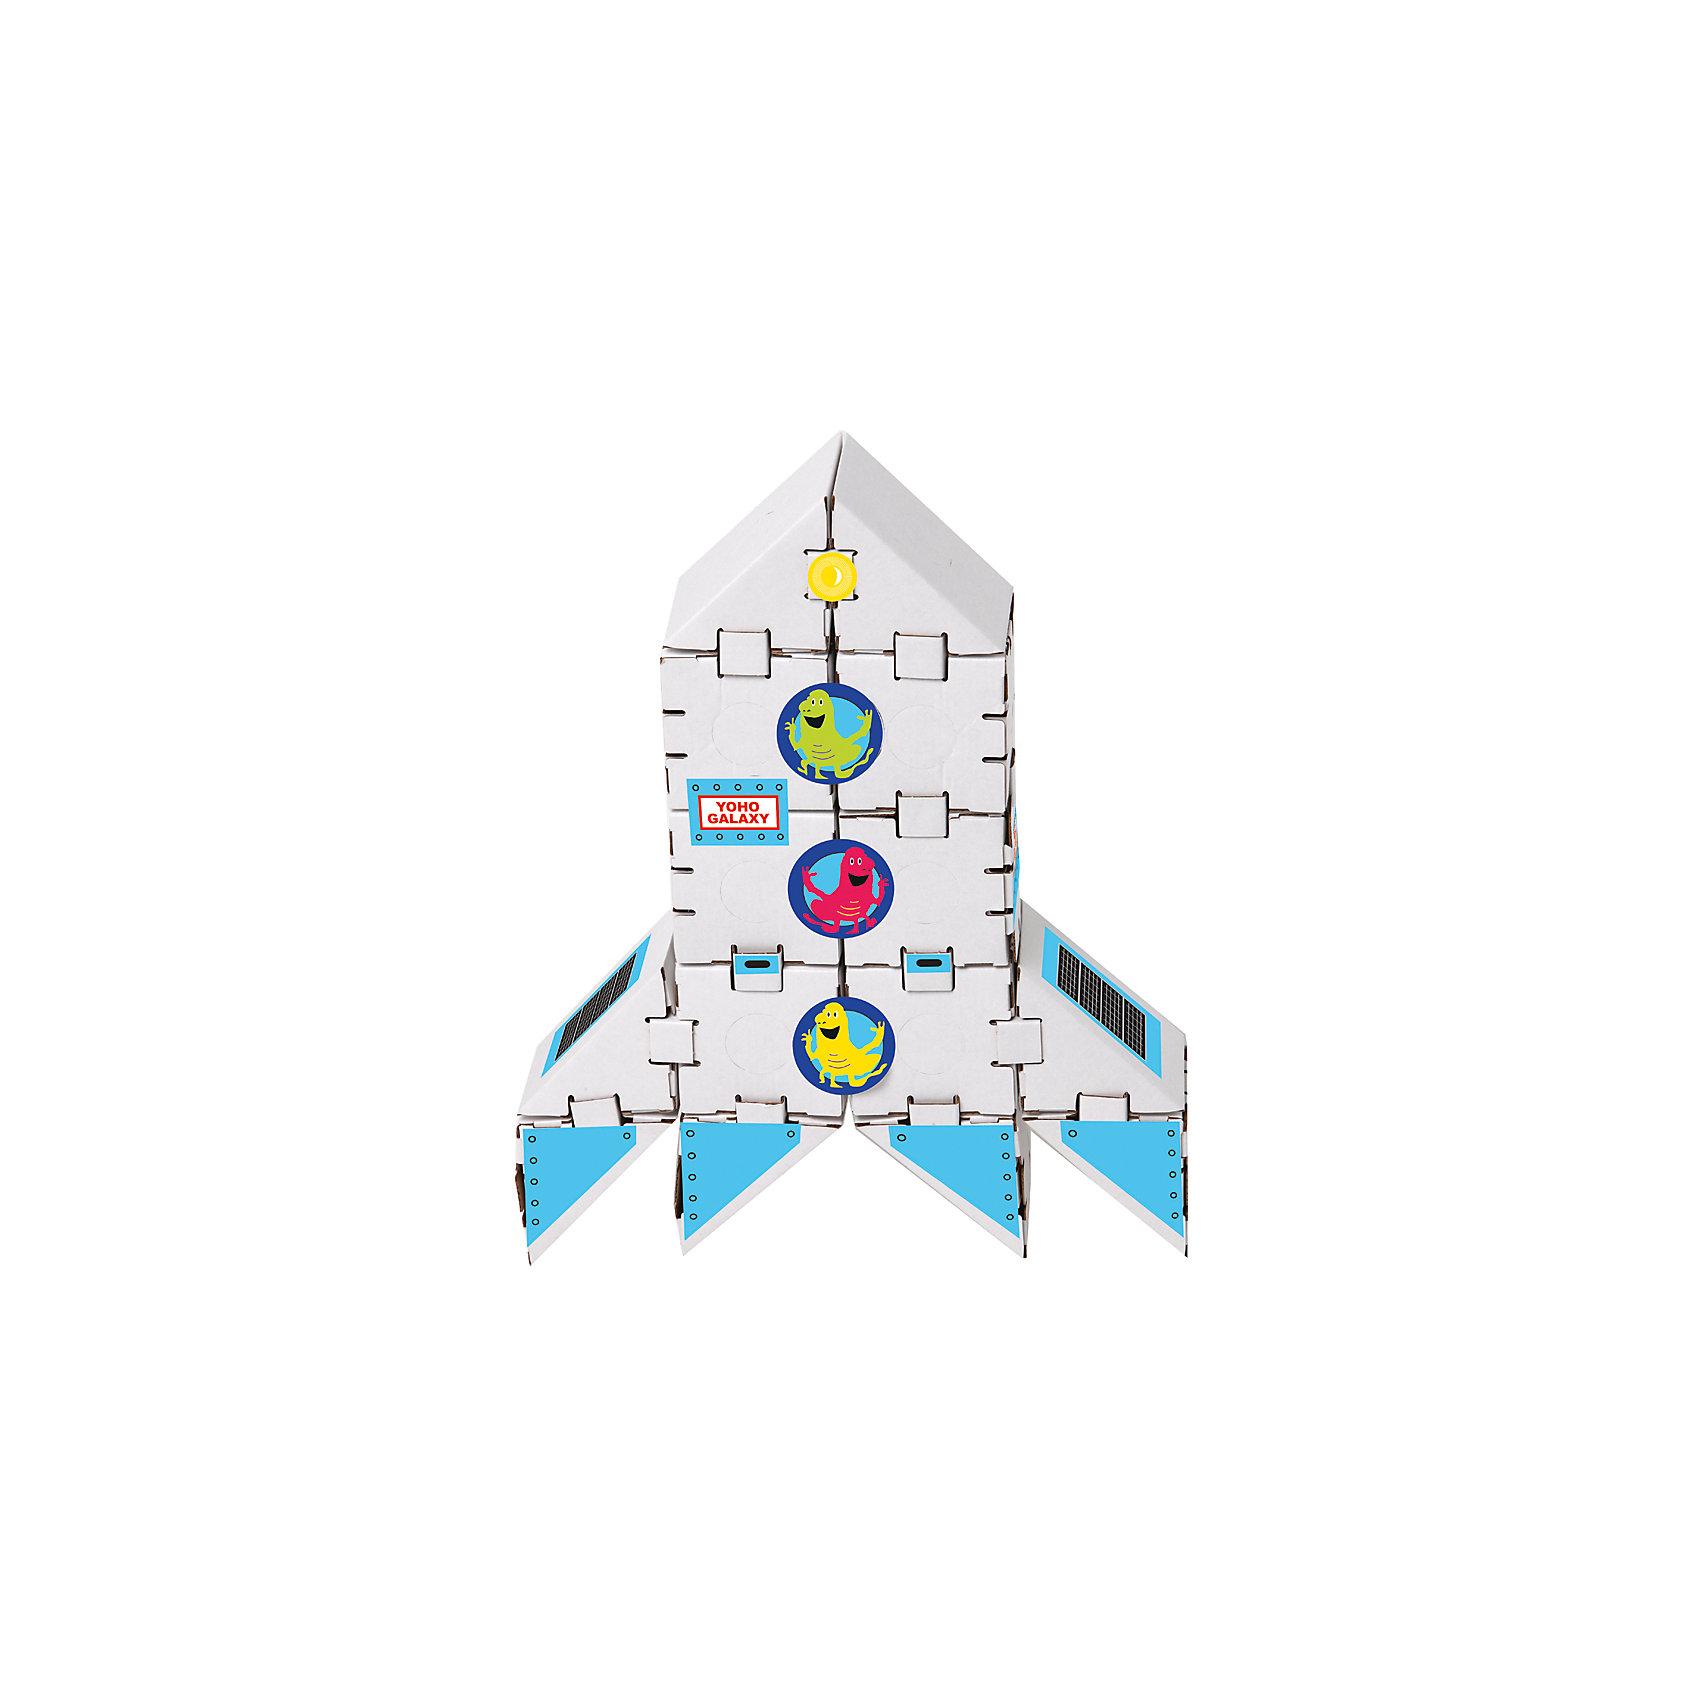 Картонный конструктор Ракета на Марс, YohocubeБренды конструкторов<br>Картонный конструктор Ракета на Марс, Yohocube (Йохокуб). <br><br>Характеристика:<br><br>• Материал: усиленный картон (1,5 мм). <br>• Размер упаковки: 37х31х5,5 см. <br>• Размер одного кубика: 8 см. <br>• 14 деталей. <br>• Оригинальный дизайн. <br>• Развивает моторику рук, внимание, пространственное мышление и воображение. <br><br>С помощью этого оригинального конструктора ребенок сможет собрать ракету. Размер кубиков идеально подходит для детских рук. Простые и удобные крепления позволят ребенку собирать конструктор без помощи взрослых. Все детали изготовлены из высококачественного прочного картона с применением нетоксичных безопасных красителей. Игры с конструктором полезное и очень увлекательное занятие, развивающее внимание, мелкую моторику, пространственное мышление и воображение. <br><br>Картонный конструктор Ракета на Марс Yohocube (Йохокуб), можно купить в нашем интернет-магазине.<br><br>Ширина мм: 370<br>Глубина мм: 310<br>Высота мм: 55<br>Вес г: 500<br>Возраст от месяцев: 72<br>Возраст до месяцев: 144<br>Пол: Унисекс<br>Возраст: Детский<br>SKU: 5154039